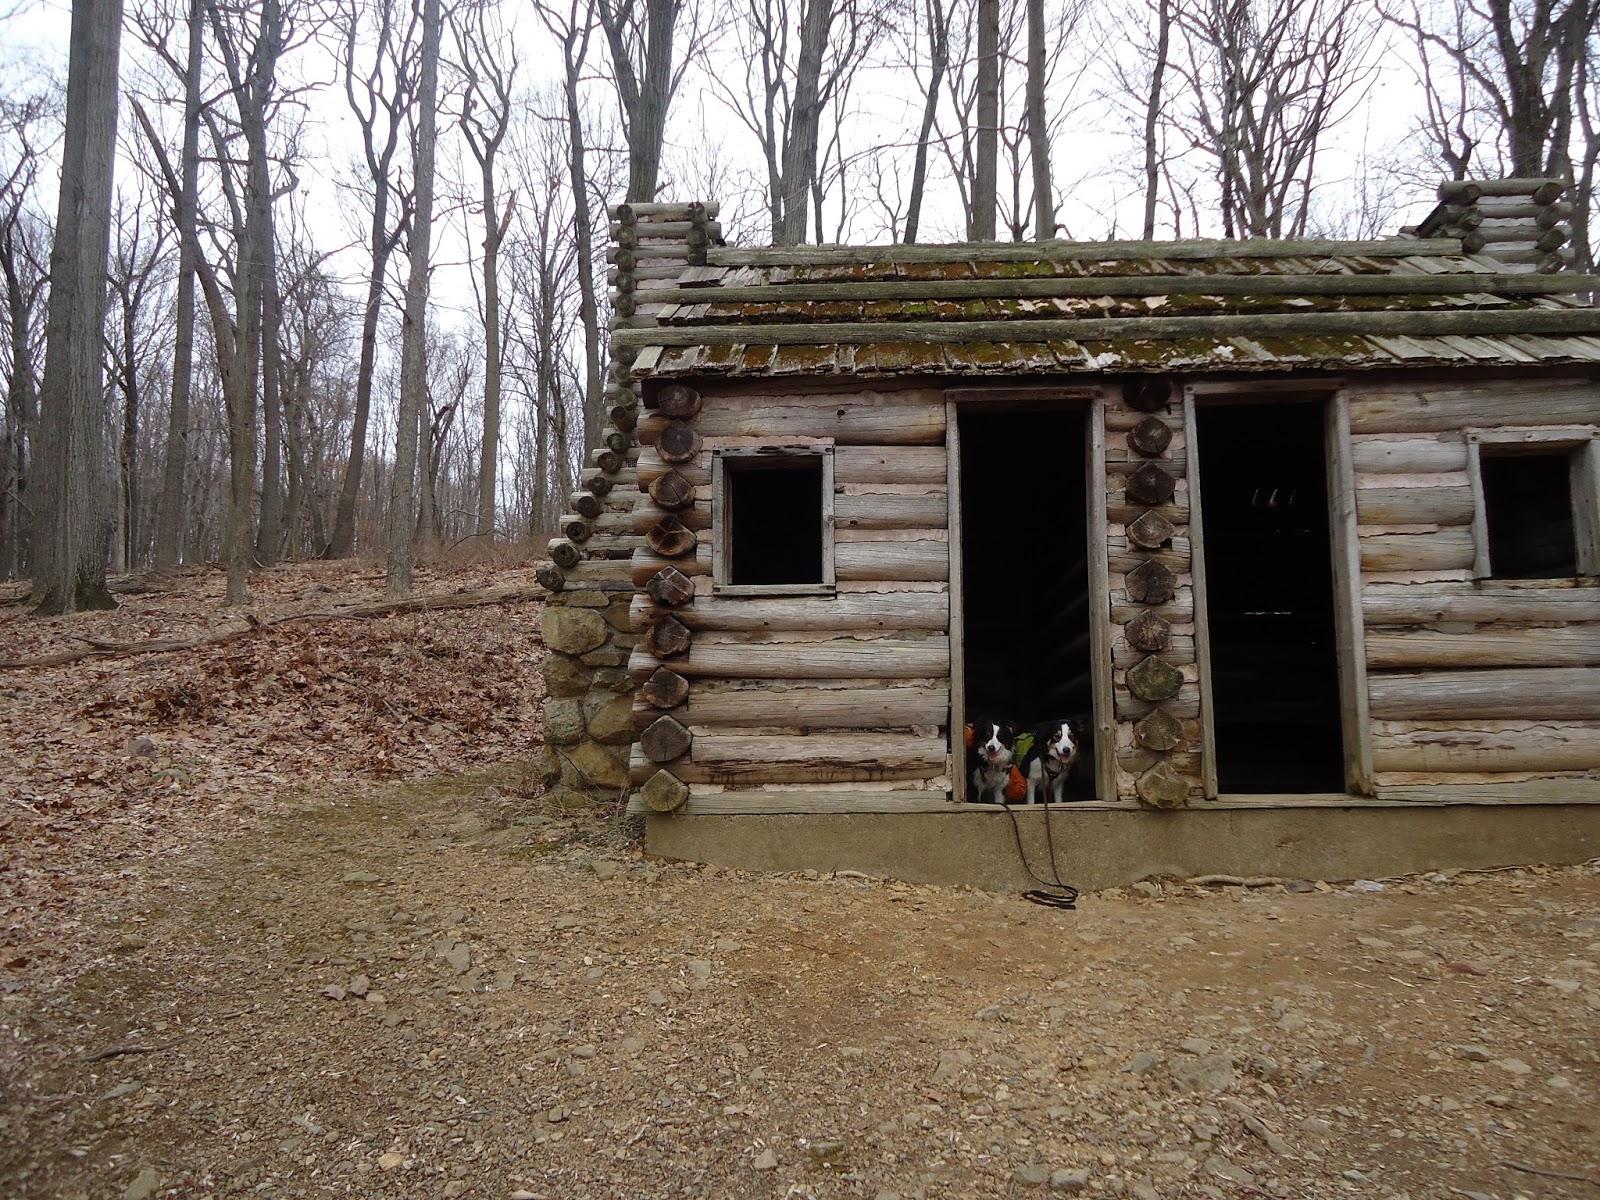 Agile Trekker Morristown National Historical Park Nj